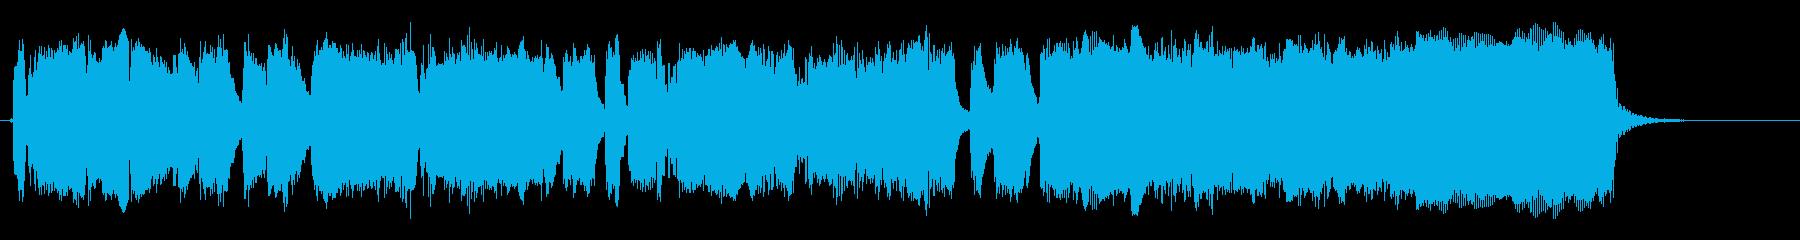 エレクトリックギター:ミディアムブ...の再生済みの波形